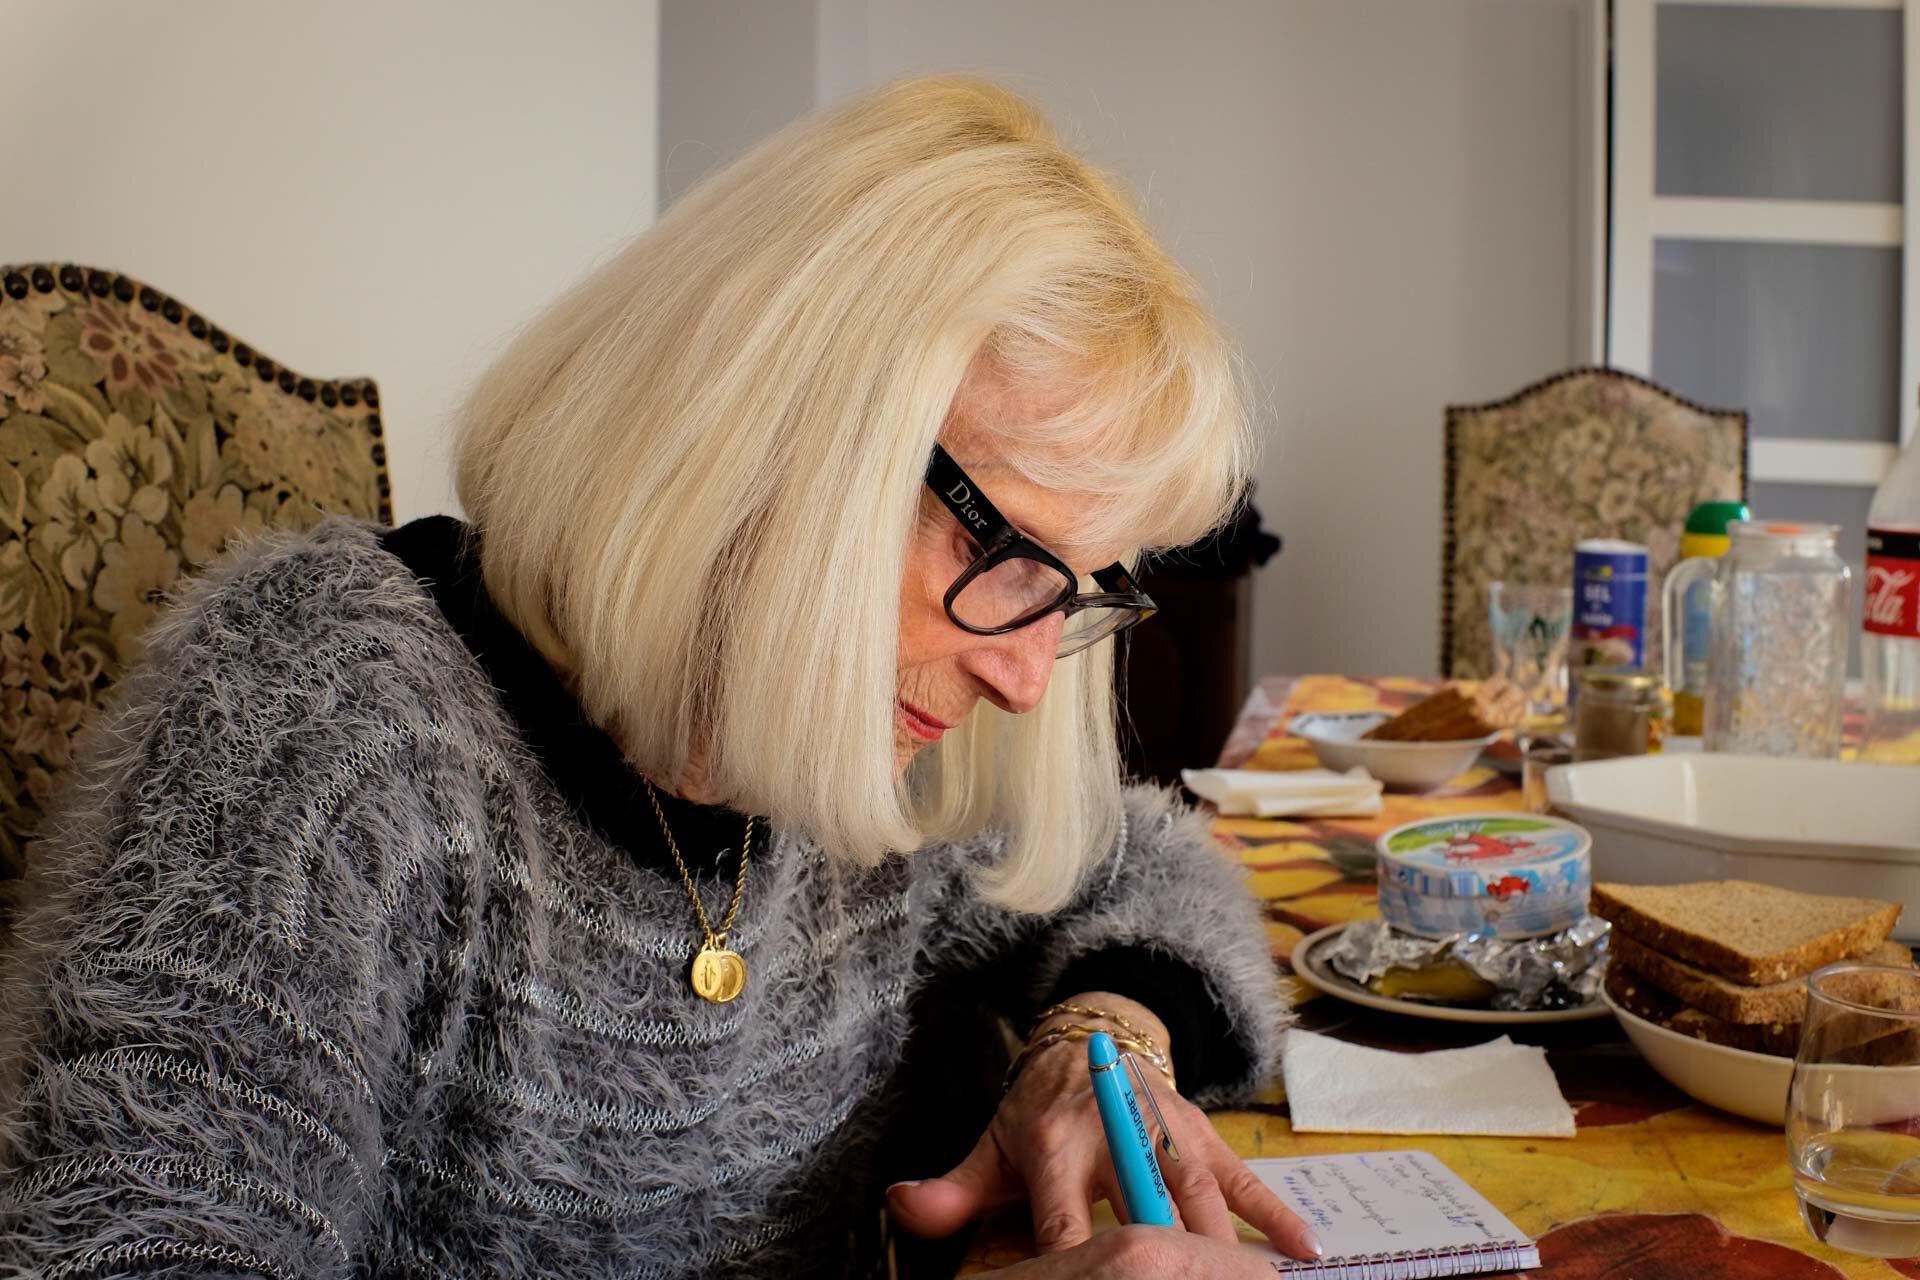 Élizabeth en train d'écrire sur sa table, dressée pour les personnes sans abri qui viendront manger.